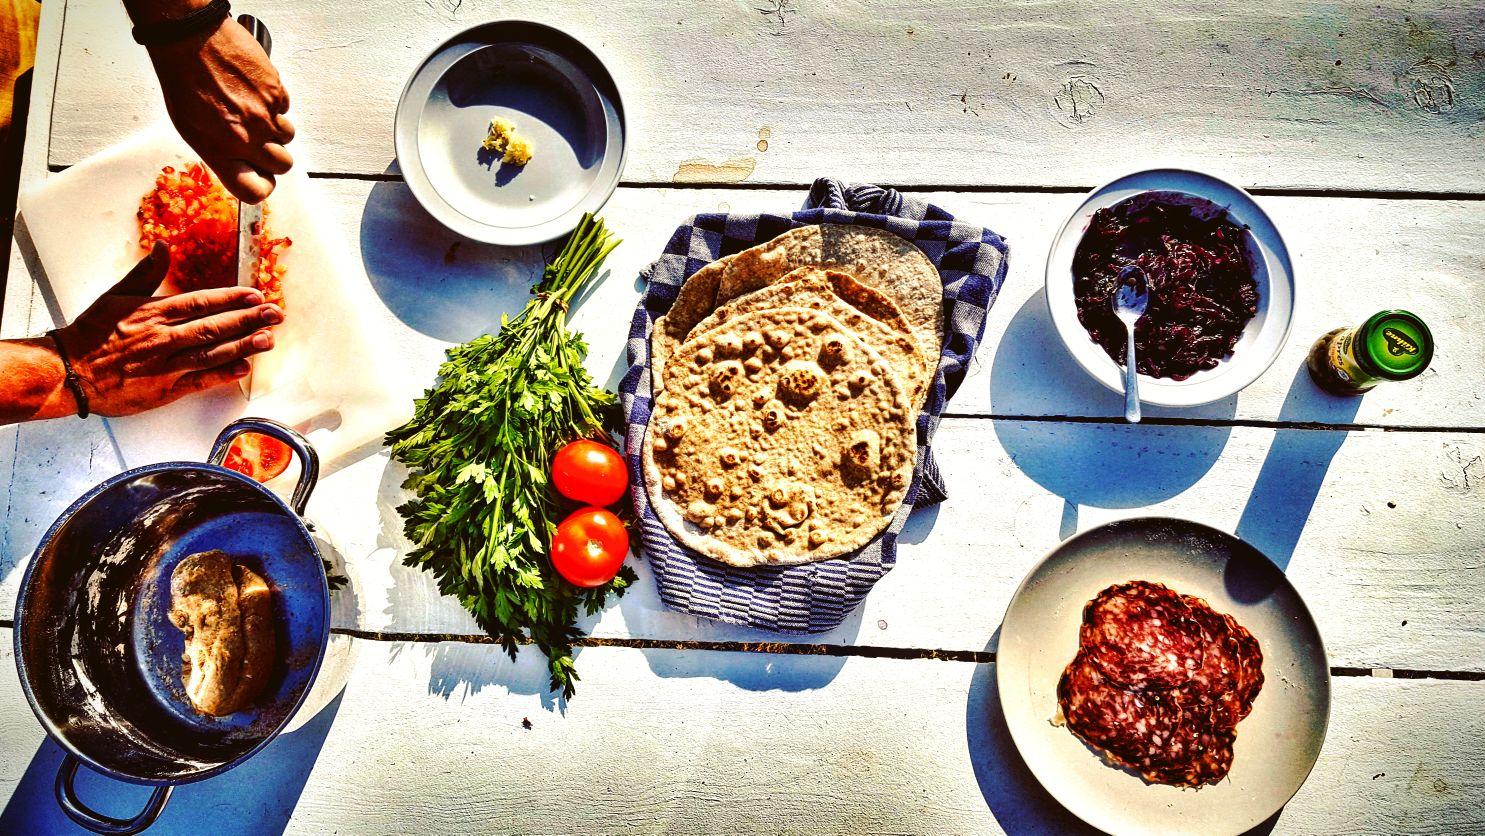 foto's van je eten te maken met je smartphone